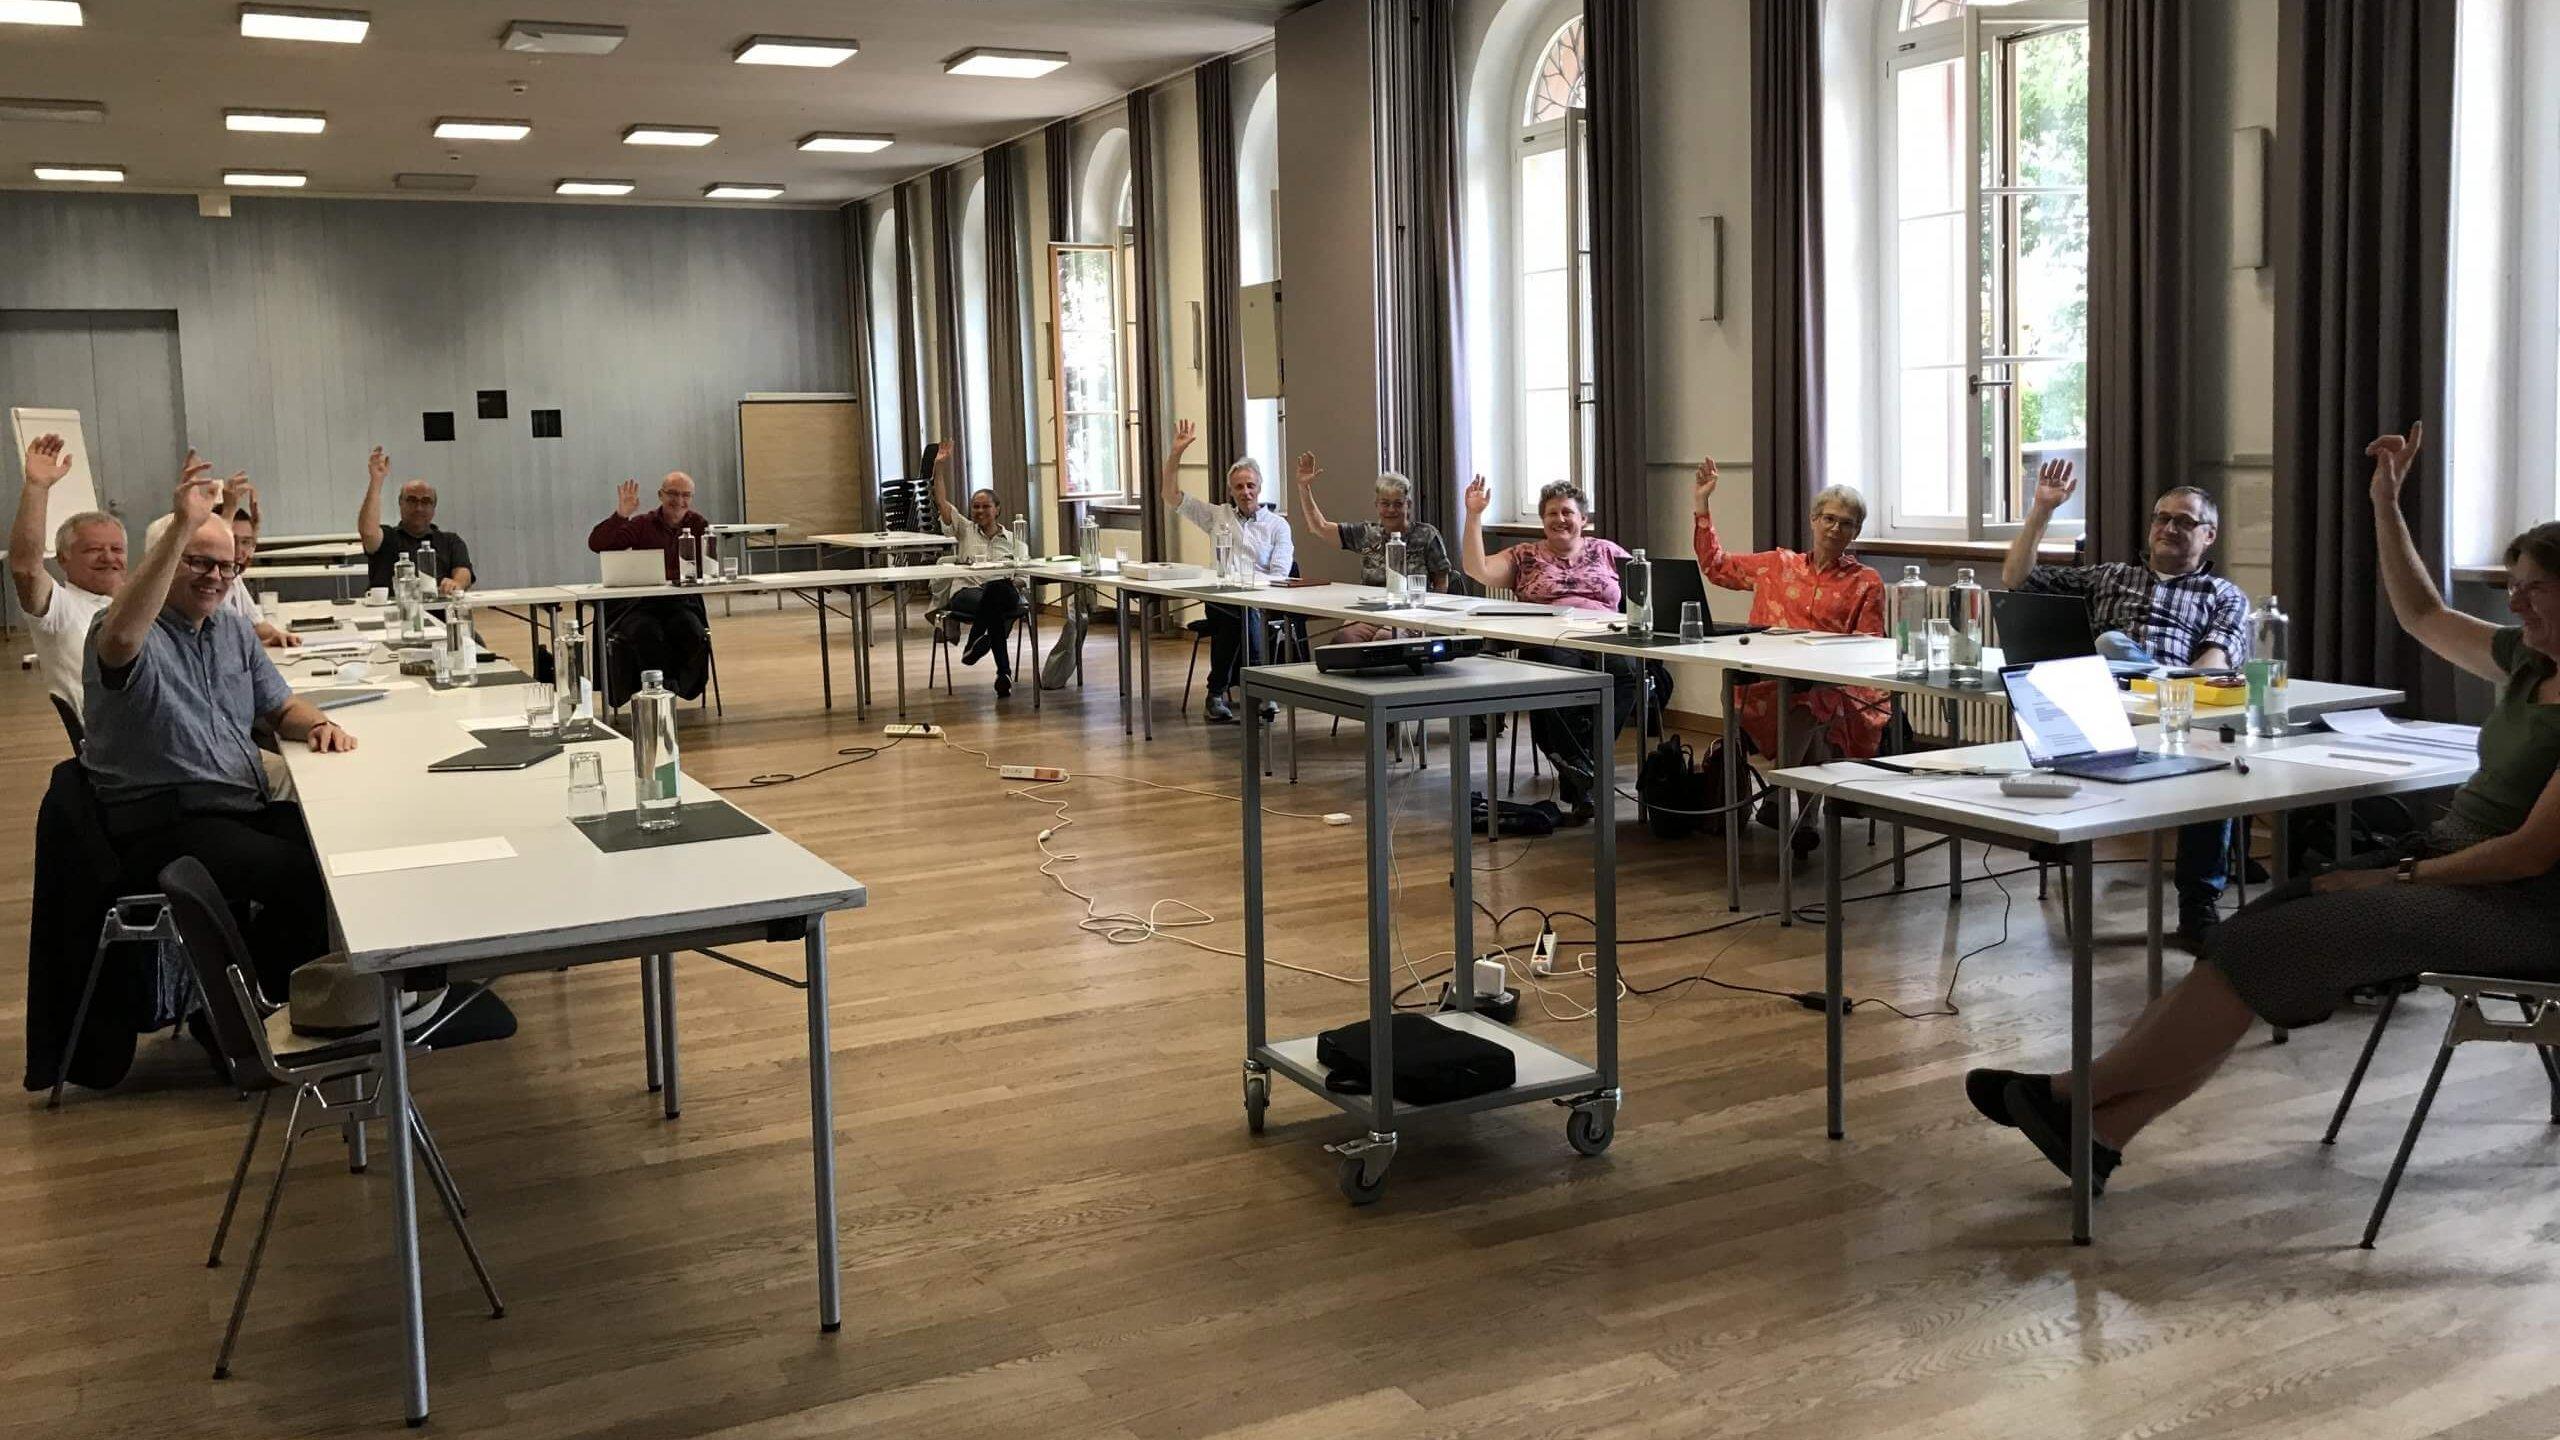 : Die Spurgruppe Zukunft EMK bei der Schlussabstimmung am 5.9.2020 in Basel